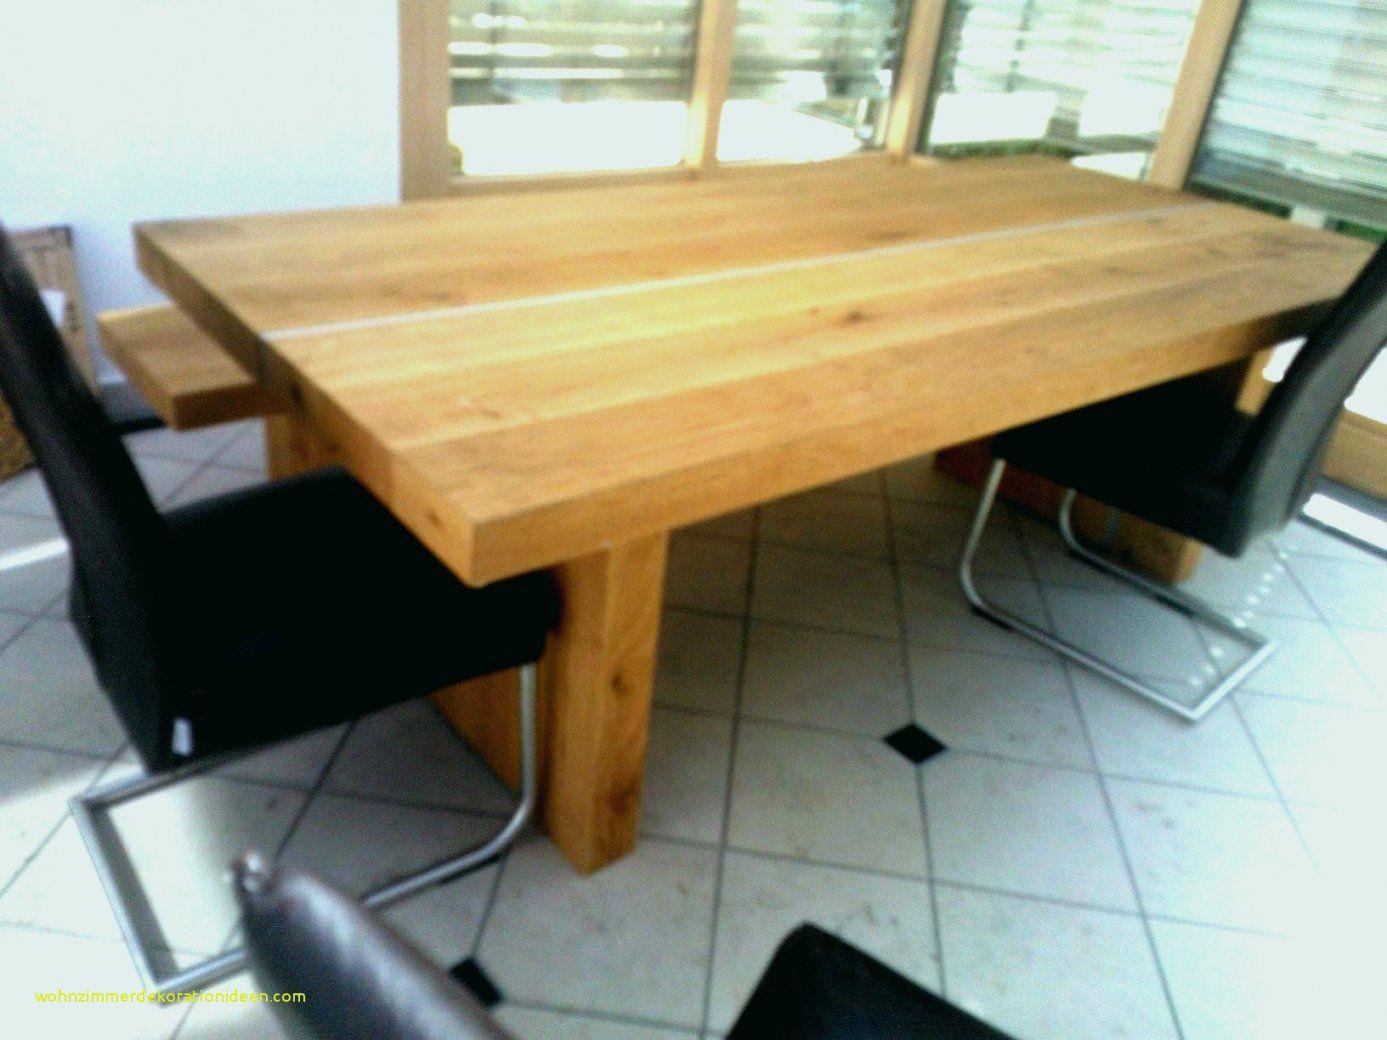 Gebrauchte Gastronomie Tische Und Stühle Einzigartig Top Ergebnis von Stühle Für Gastronomie Gebraucht Photo